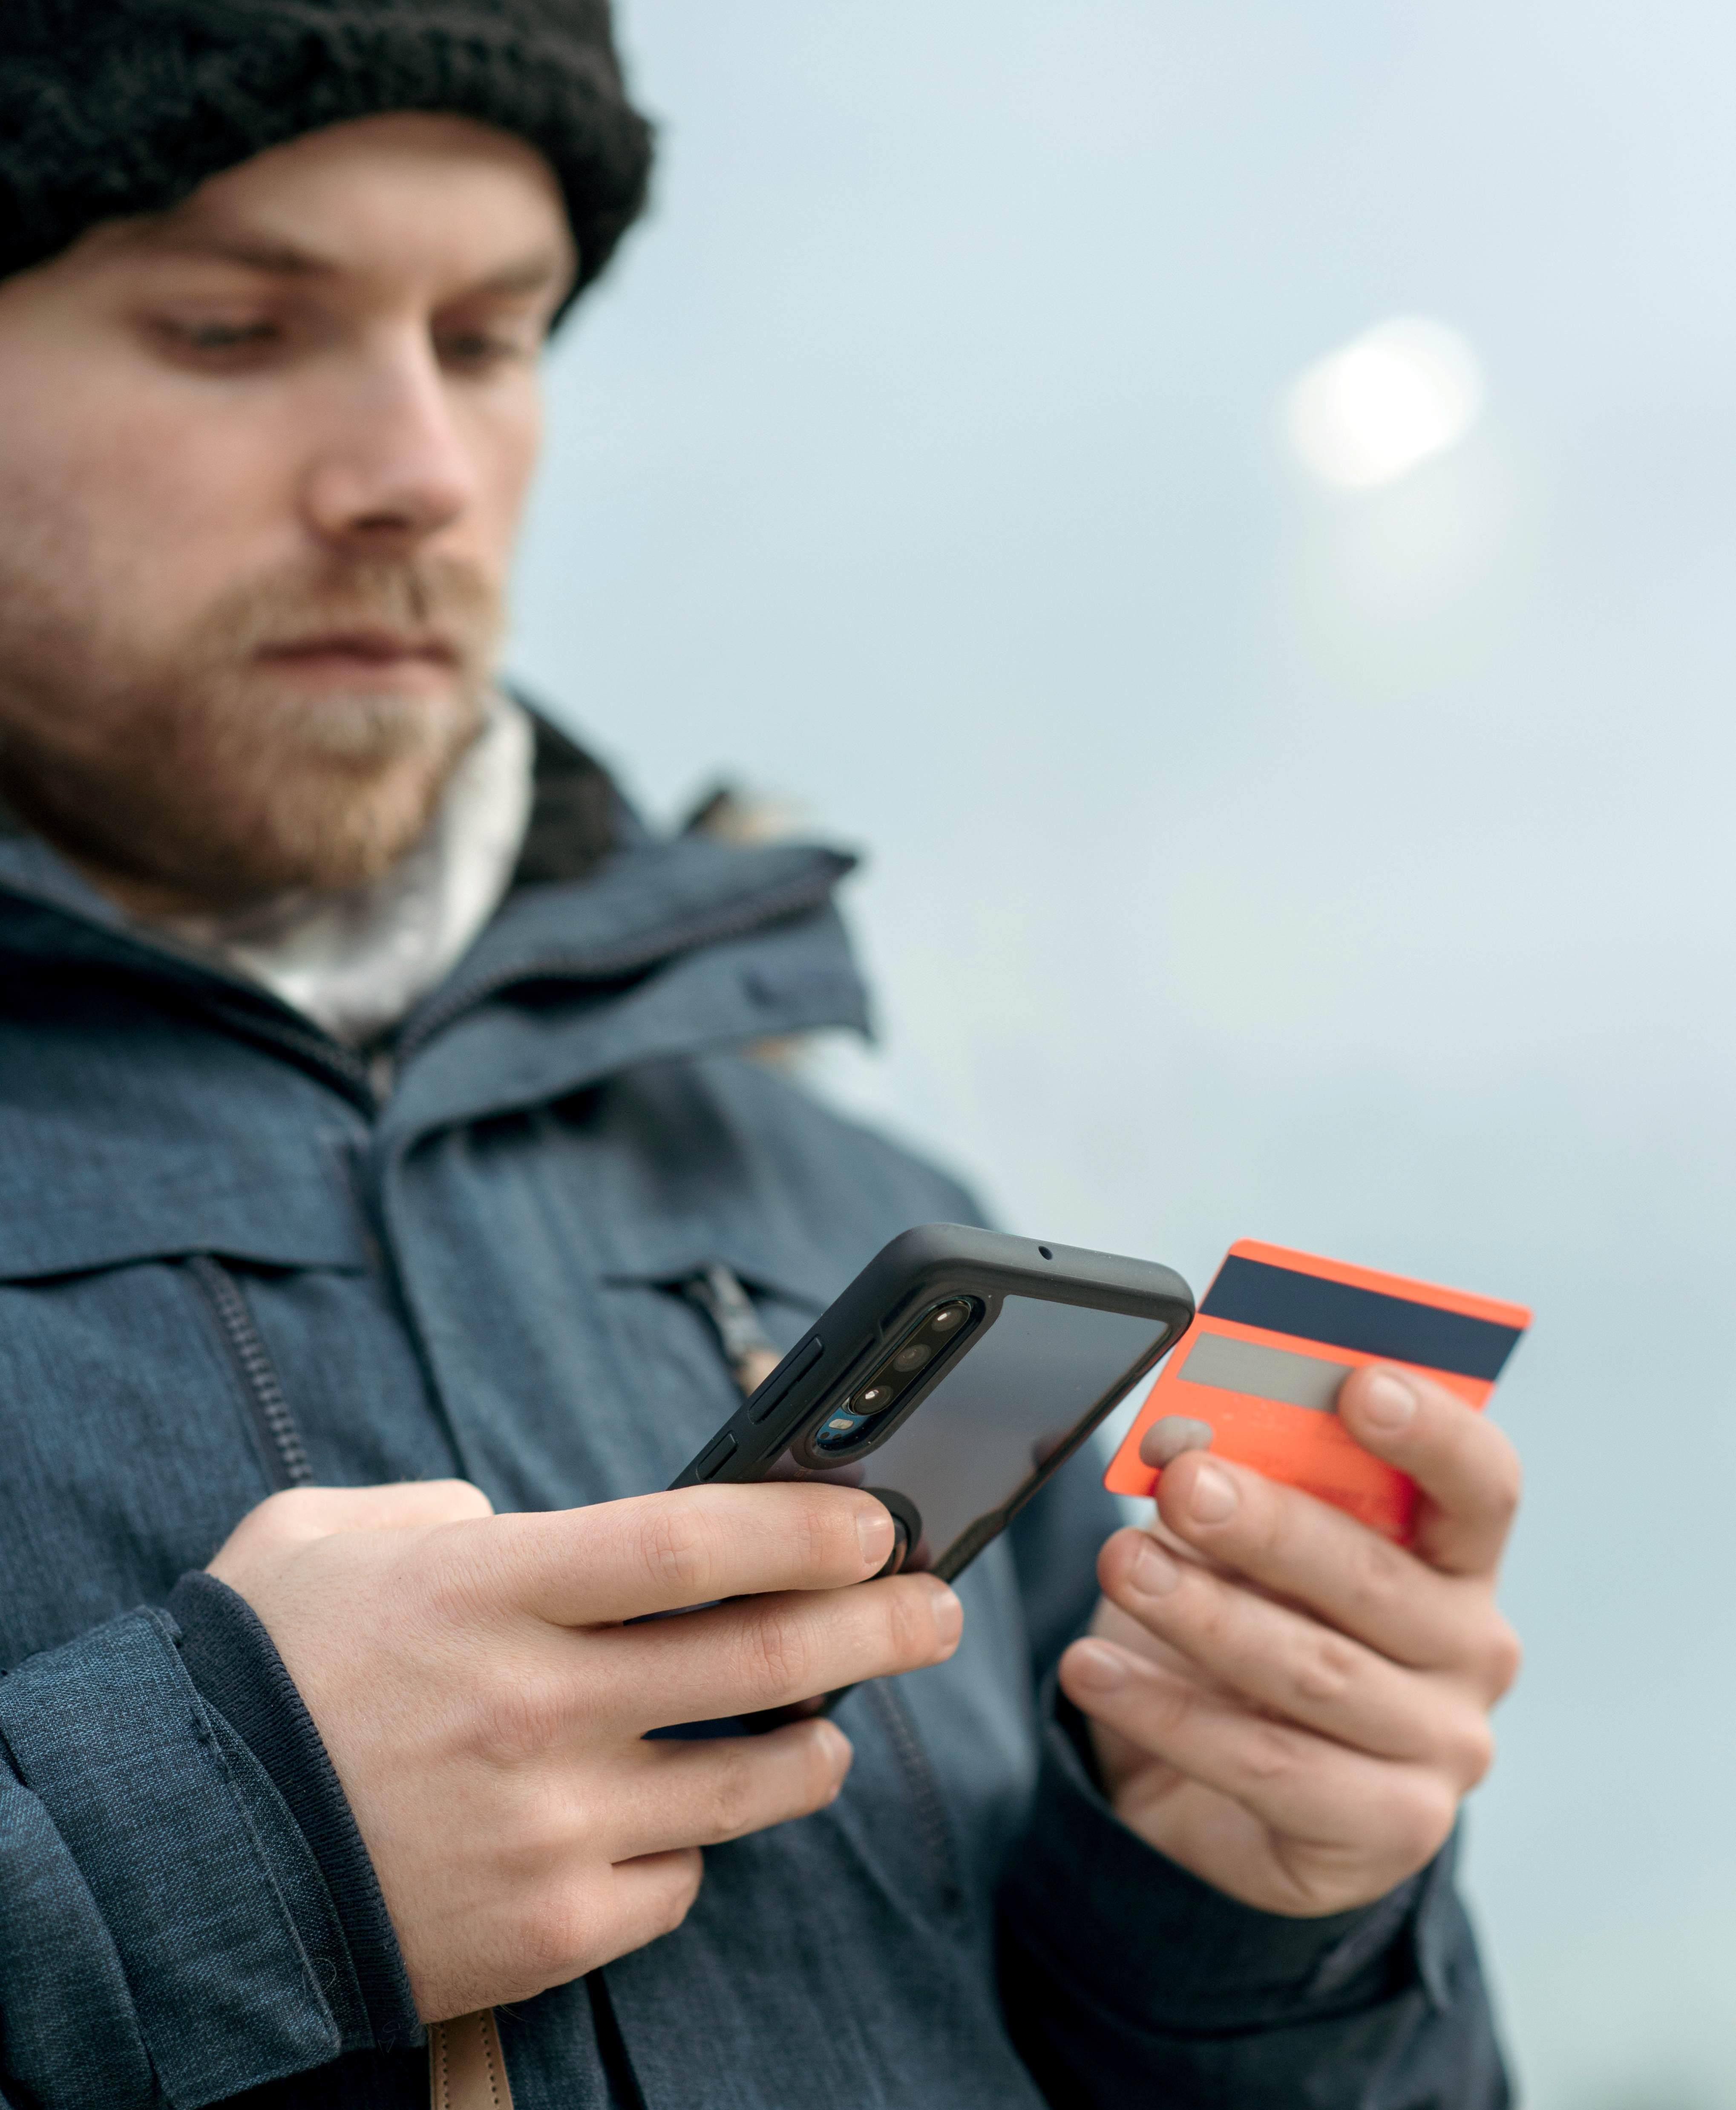 Persona che usa le app su smartphone e tiene in mano una carta bancaria - Abaco Mobility